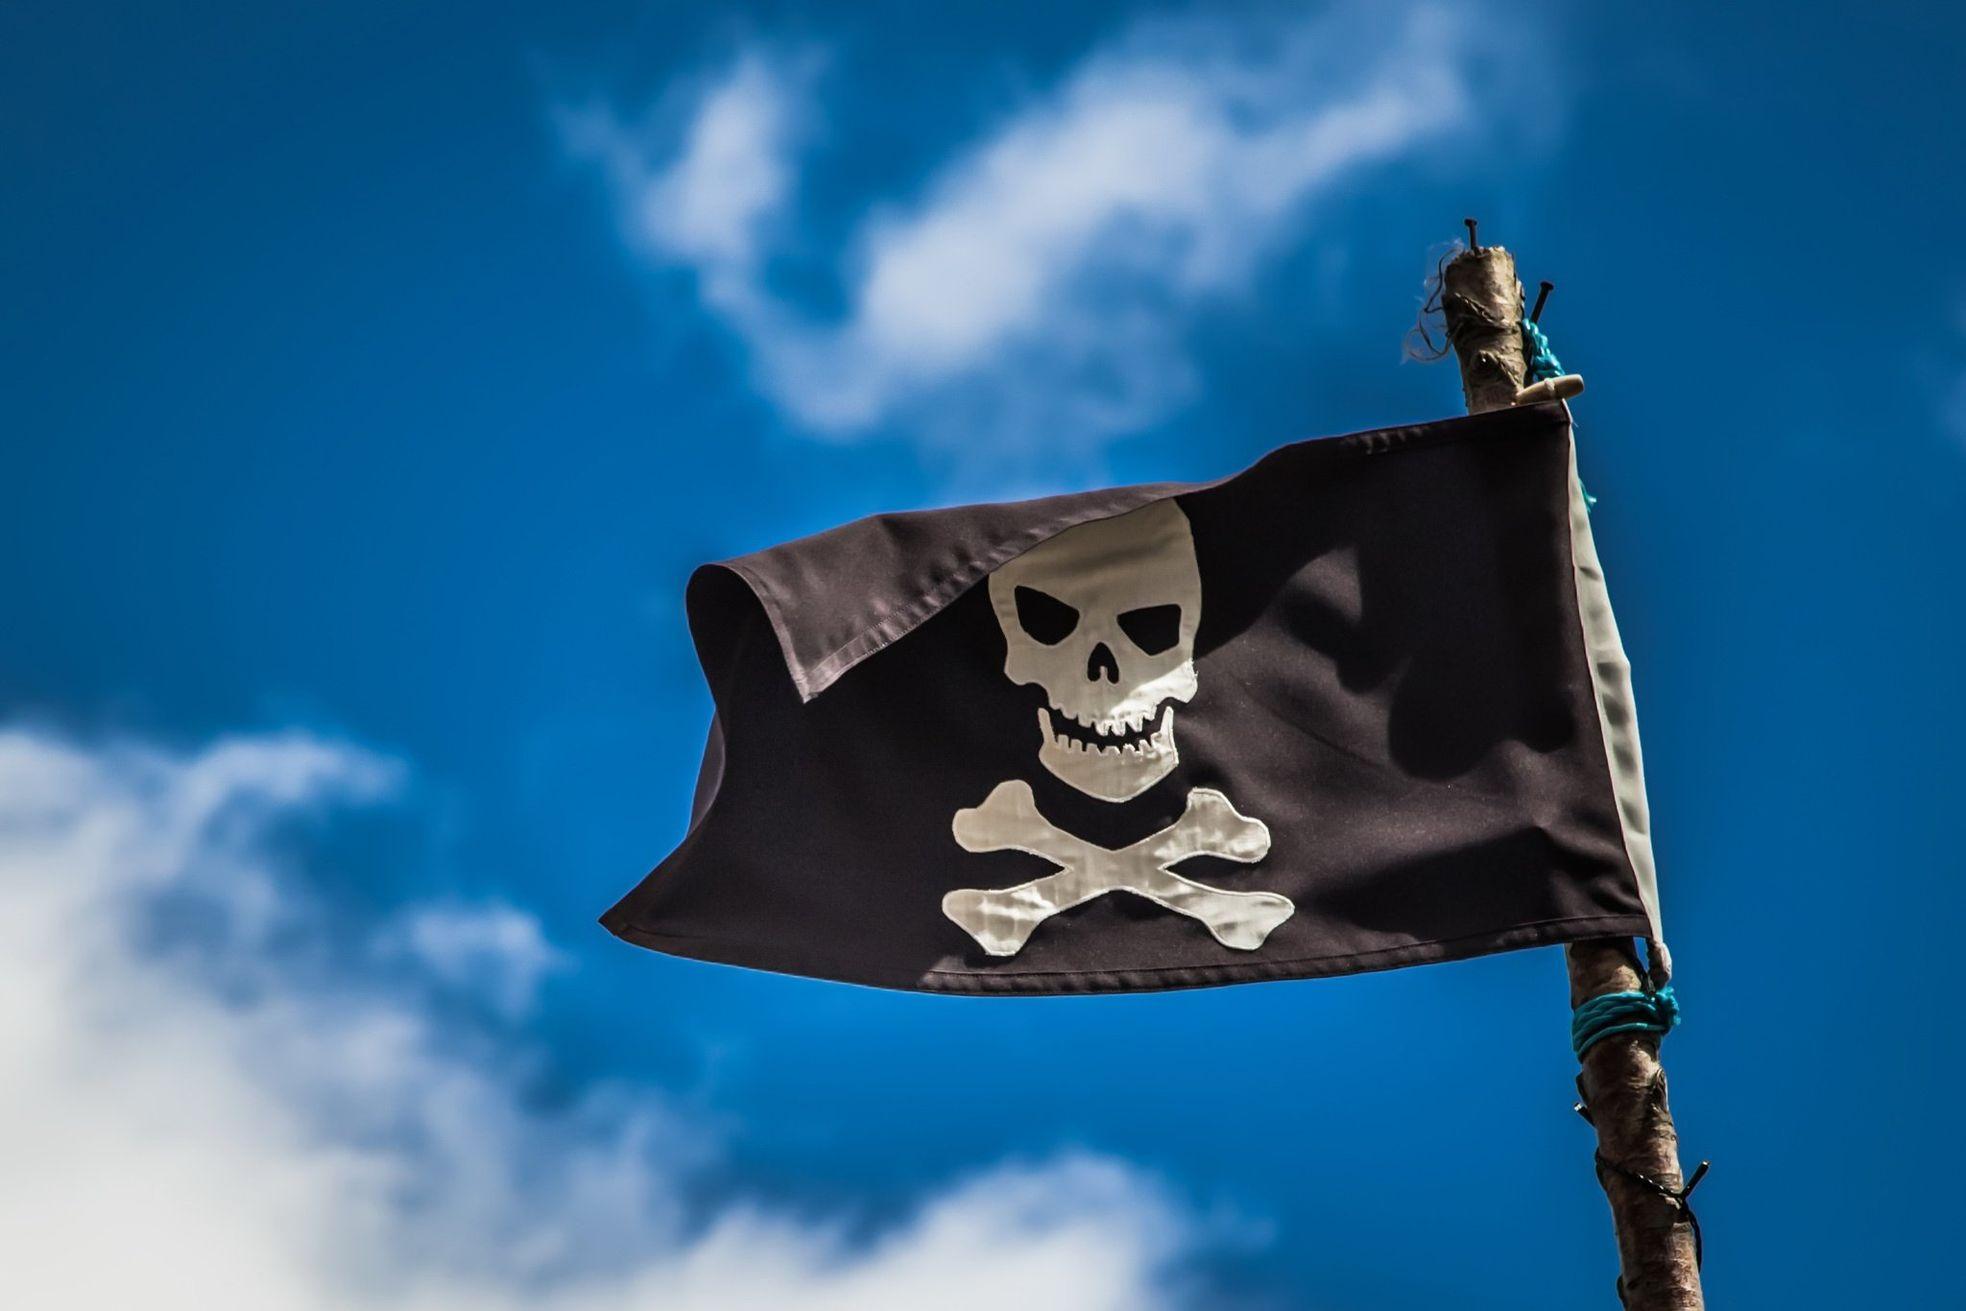 отца пираты картинки роджер предложения услуги нежина